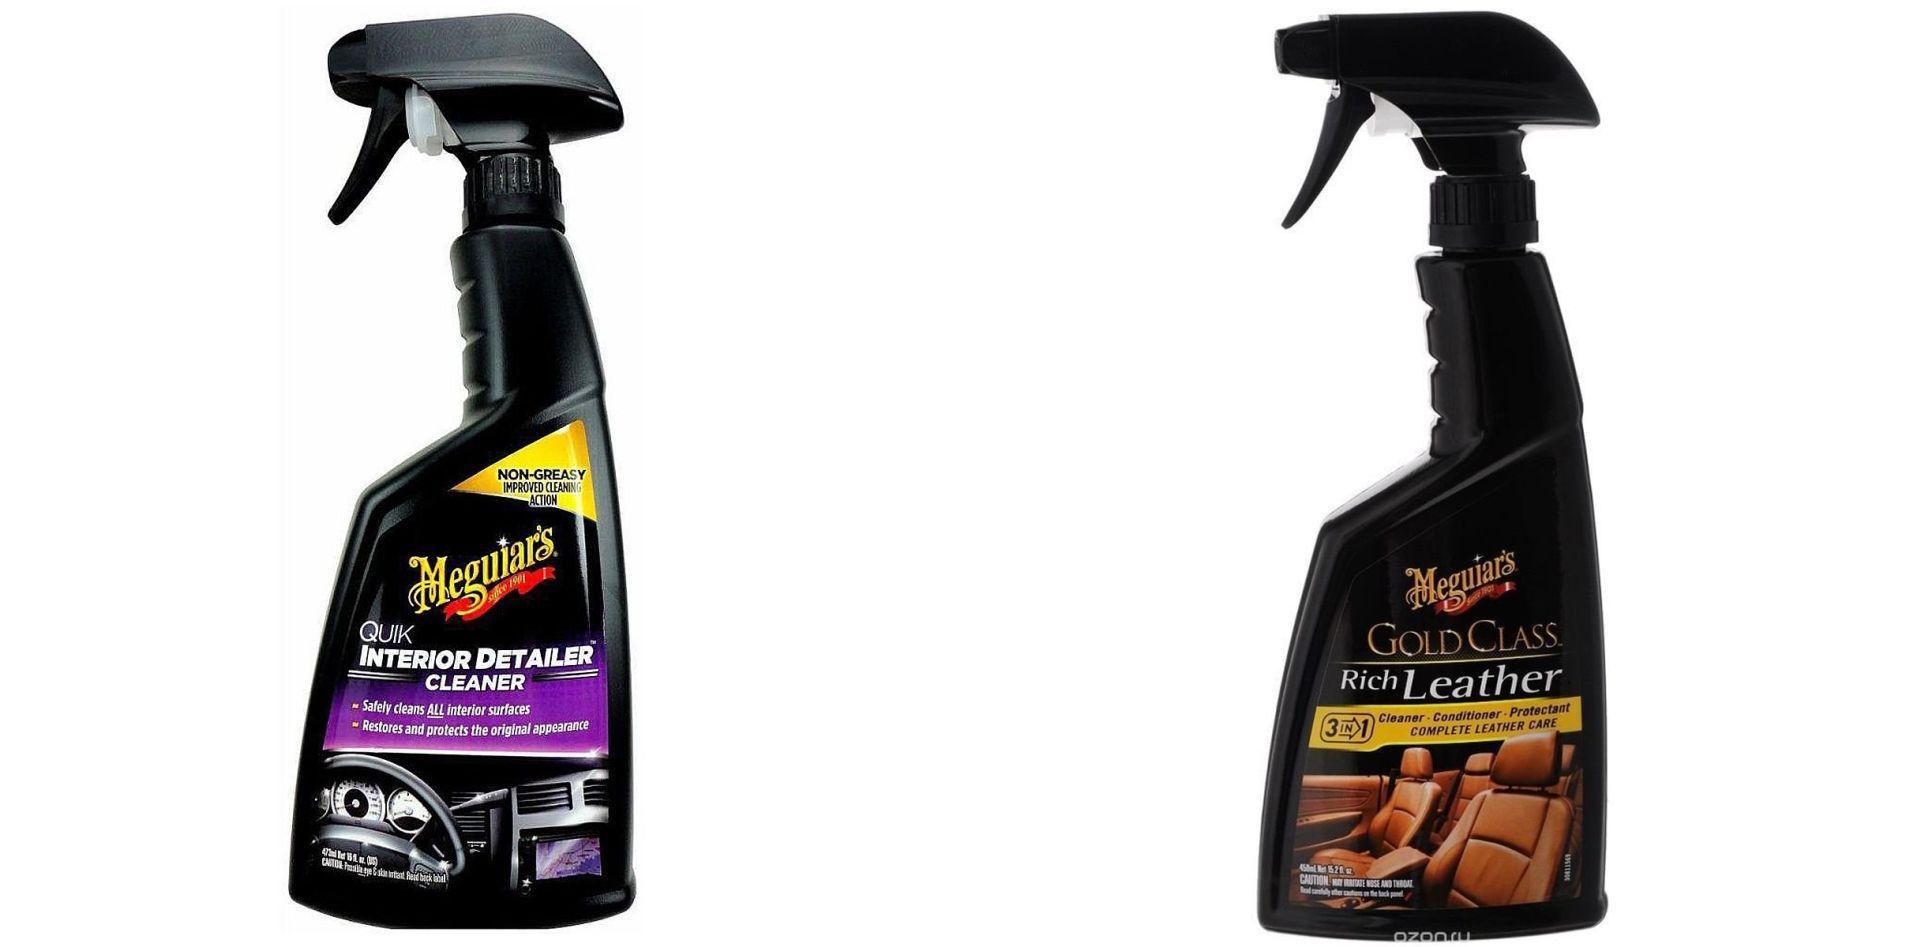 Kit Hidratante de Couro Gold Class Spray 473ml+ Quick Detailer 473ml